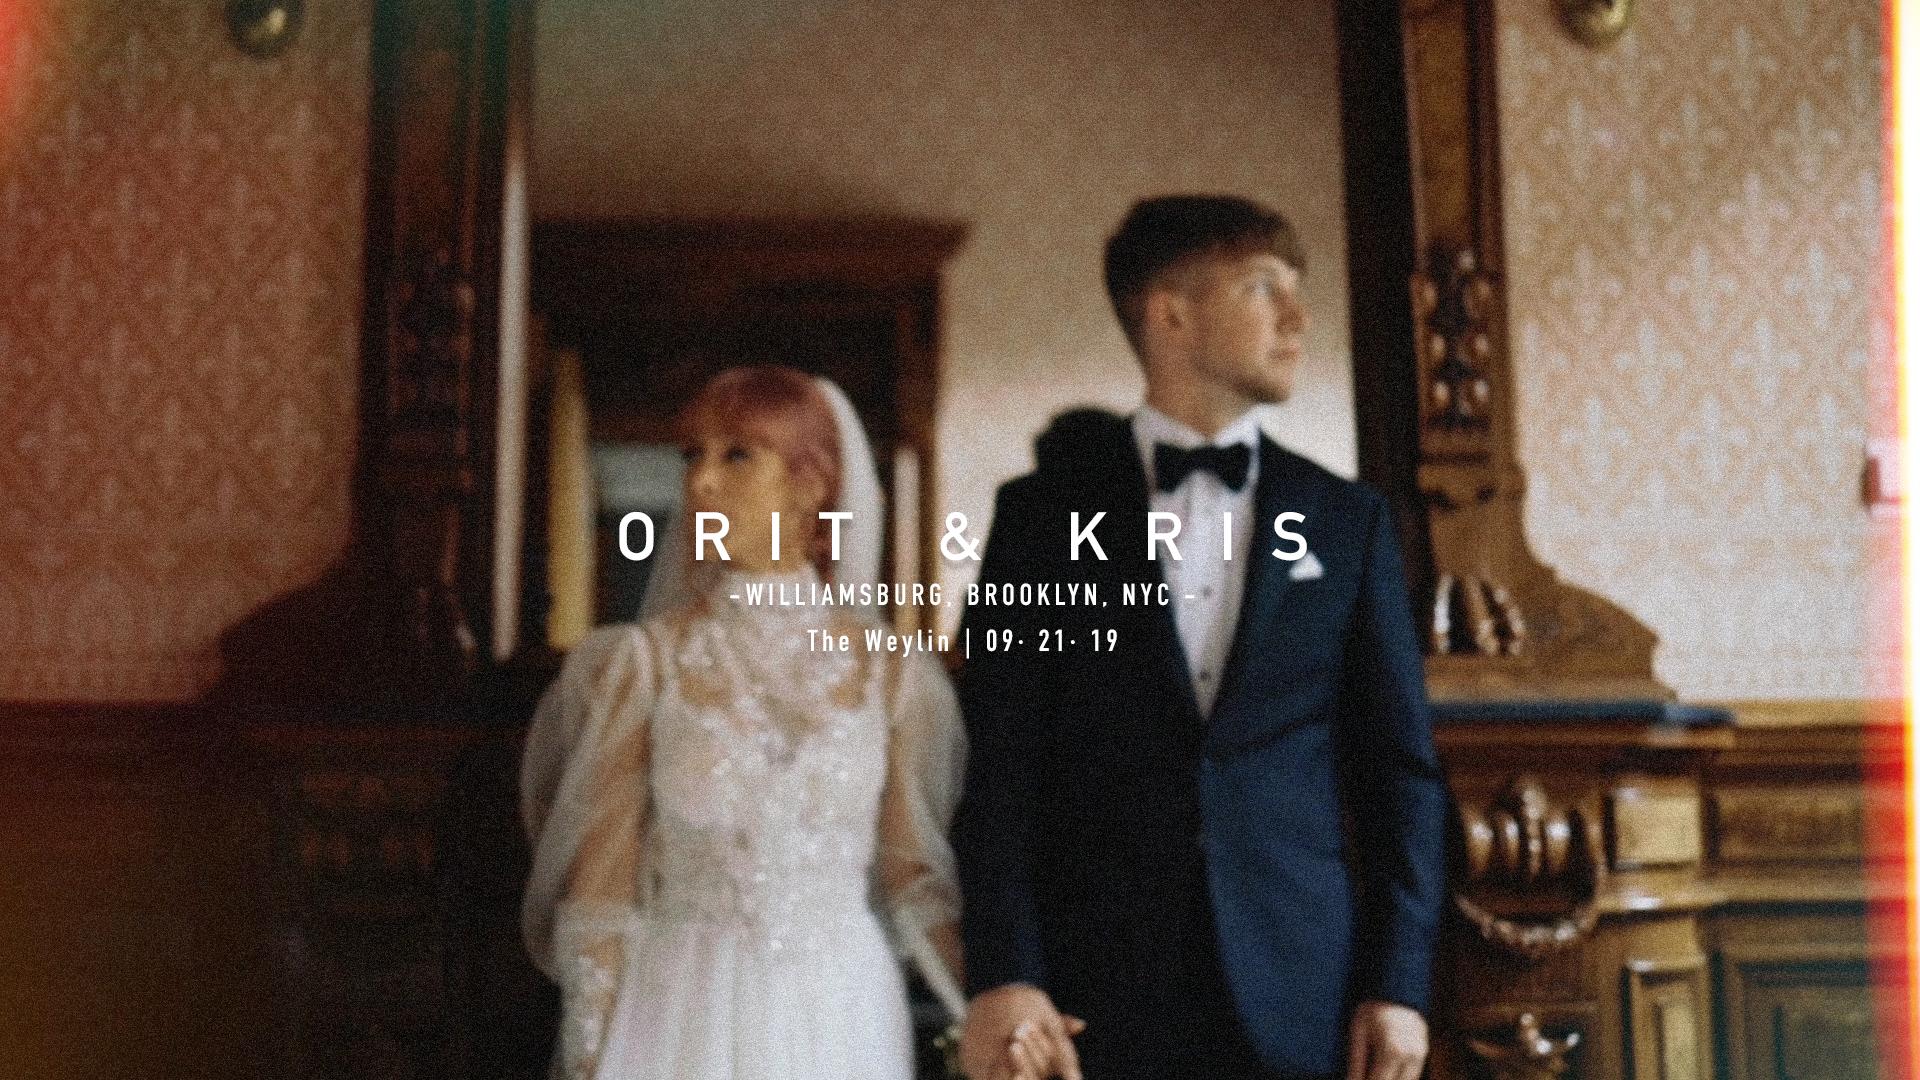 Orit + Kris | New York, New York | Weylin